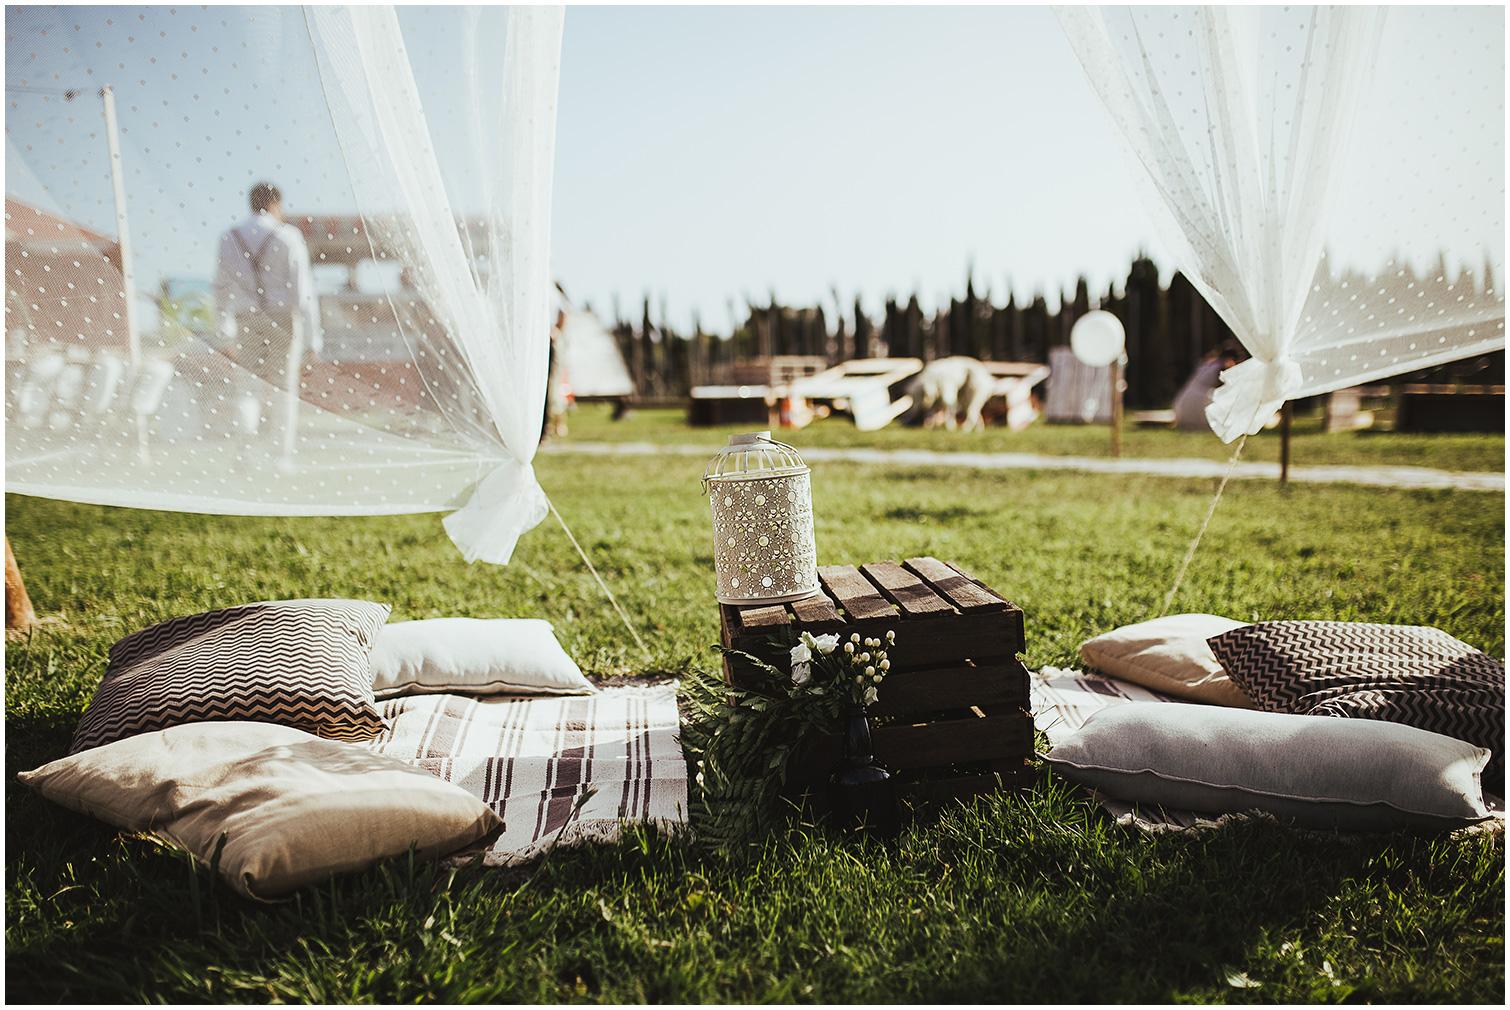 CLARA-RICCARDO-MATRIMONIO-CIRCO-VOLAVOILA-ROMA-SARA-LORENZONI-WEDDING-PHOTOGRAPHY-062